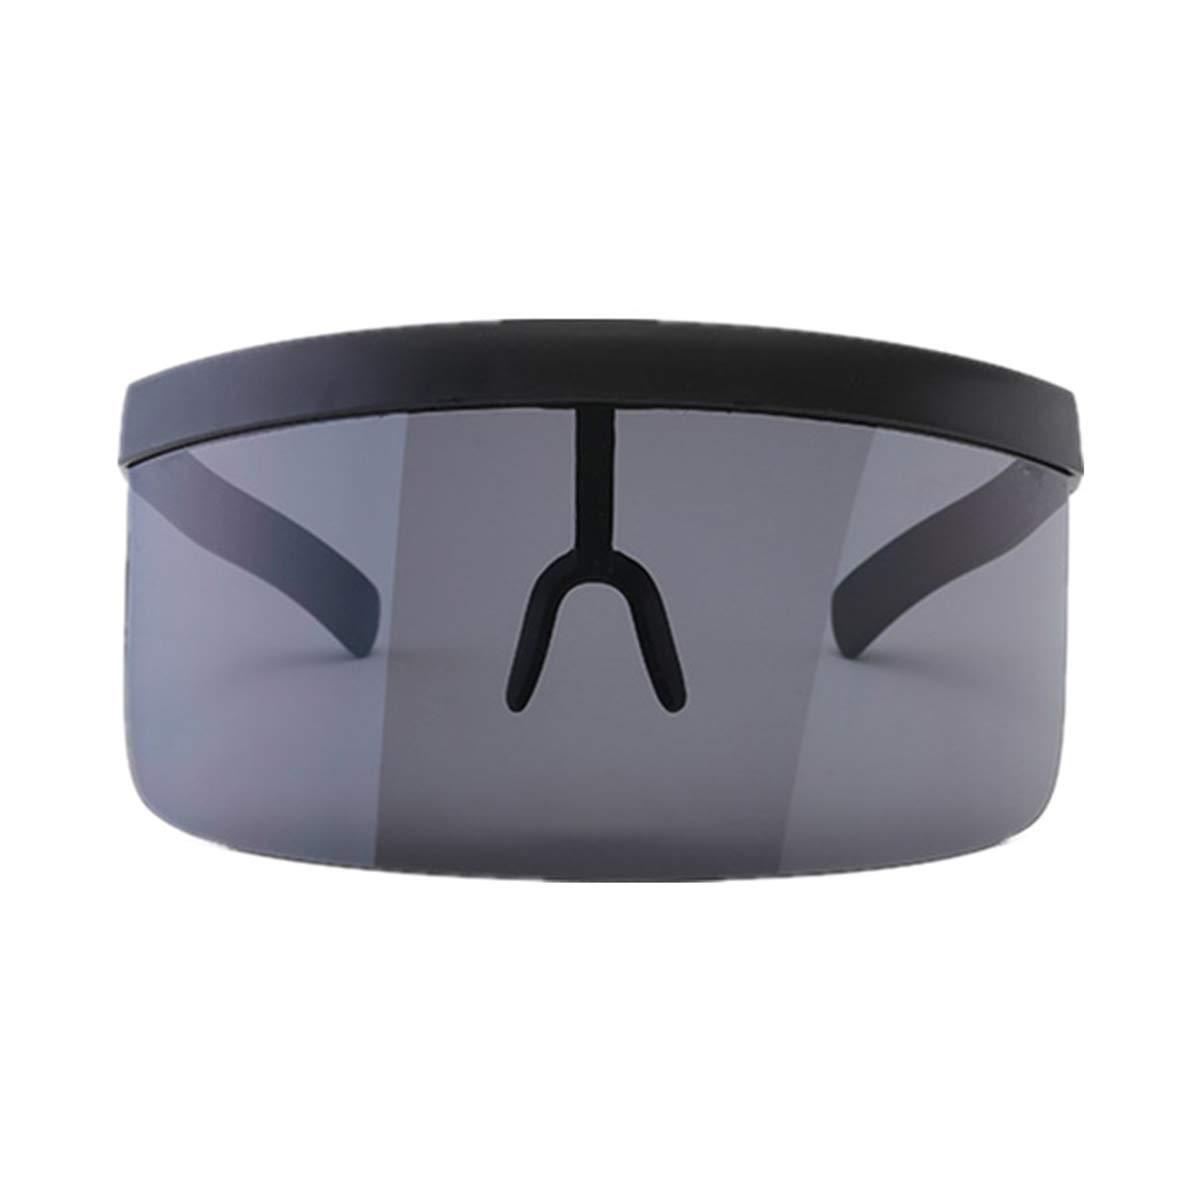 VORCOOL Oversize Gafas de Sol Futuristic Shield Visera Flat Top Mirrored Unisex protección Cortavientos protección Solar para Hombres Mujeres Deportes ...